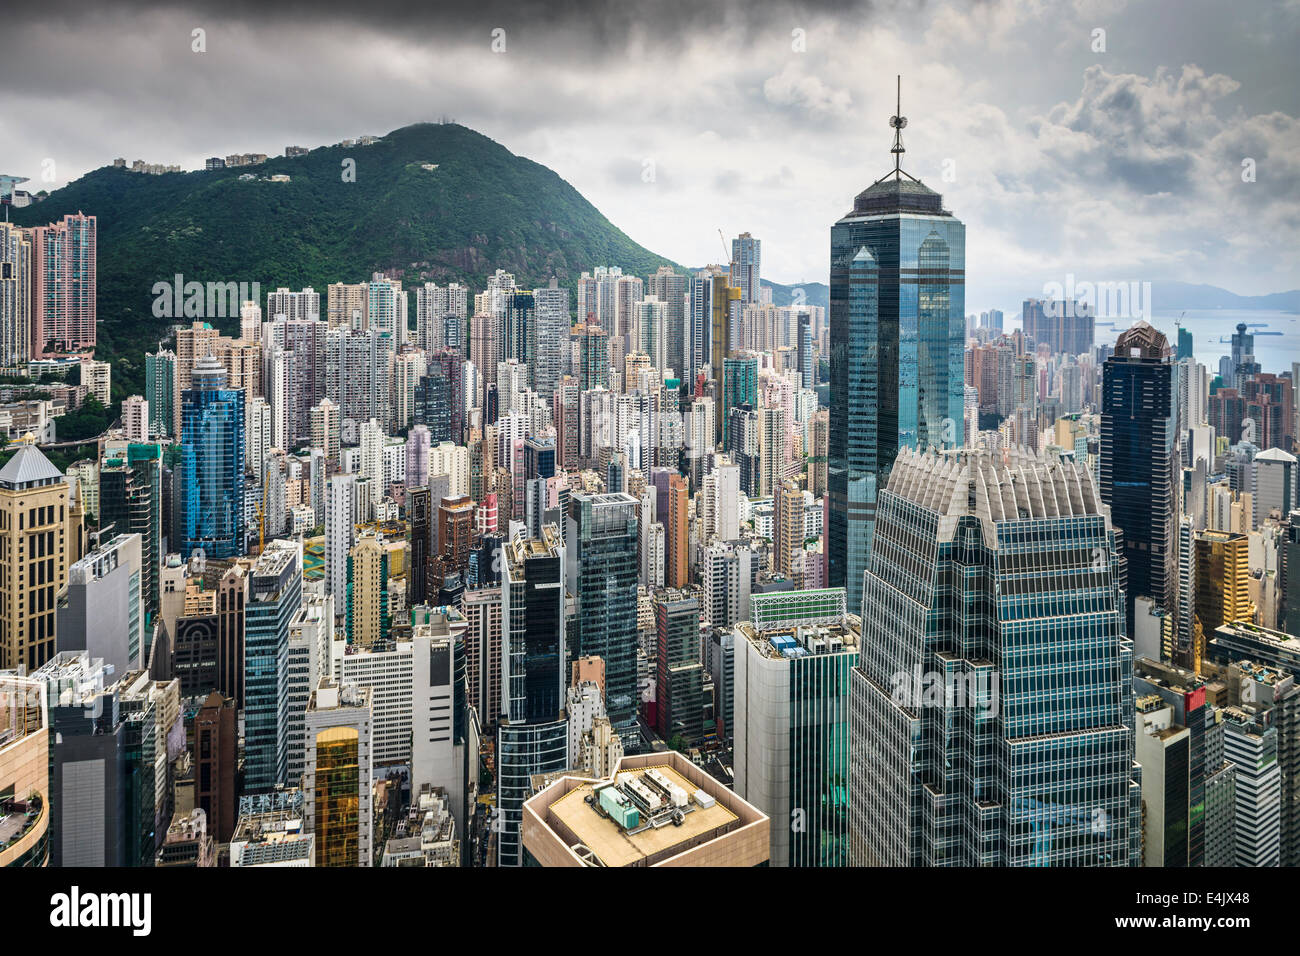 Hong Kong, China vista aérea de la ciudad de Victoria Harbour. Imagen De Stock